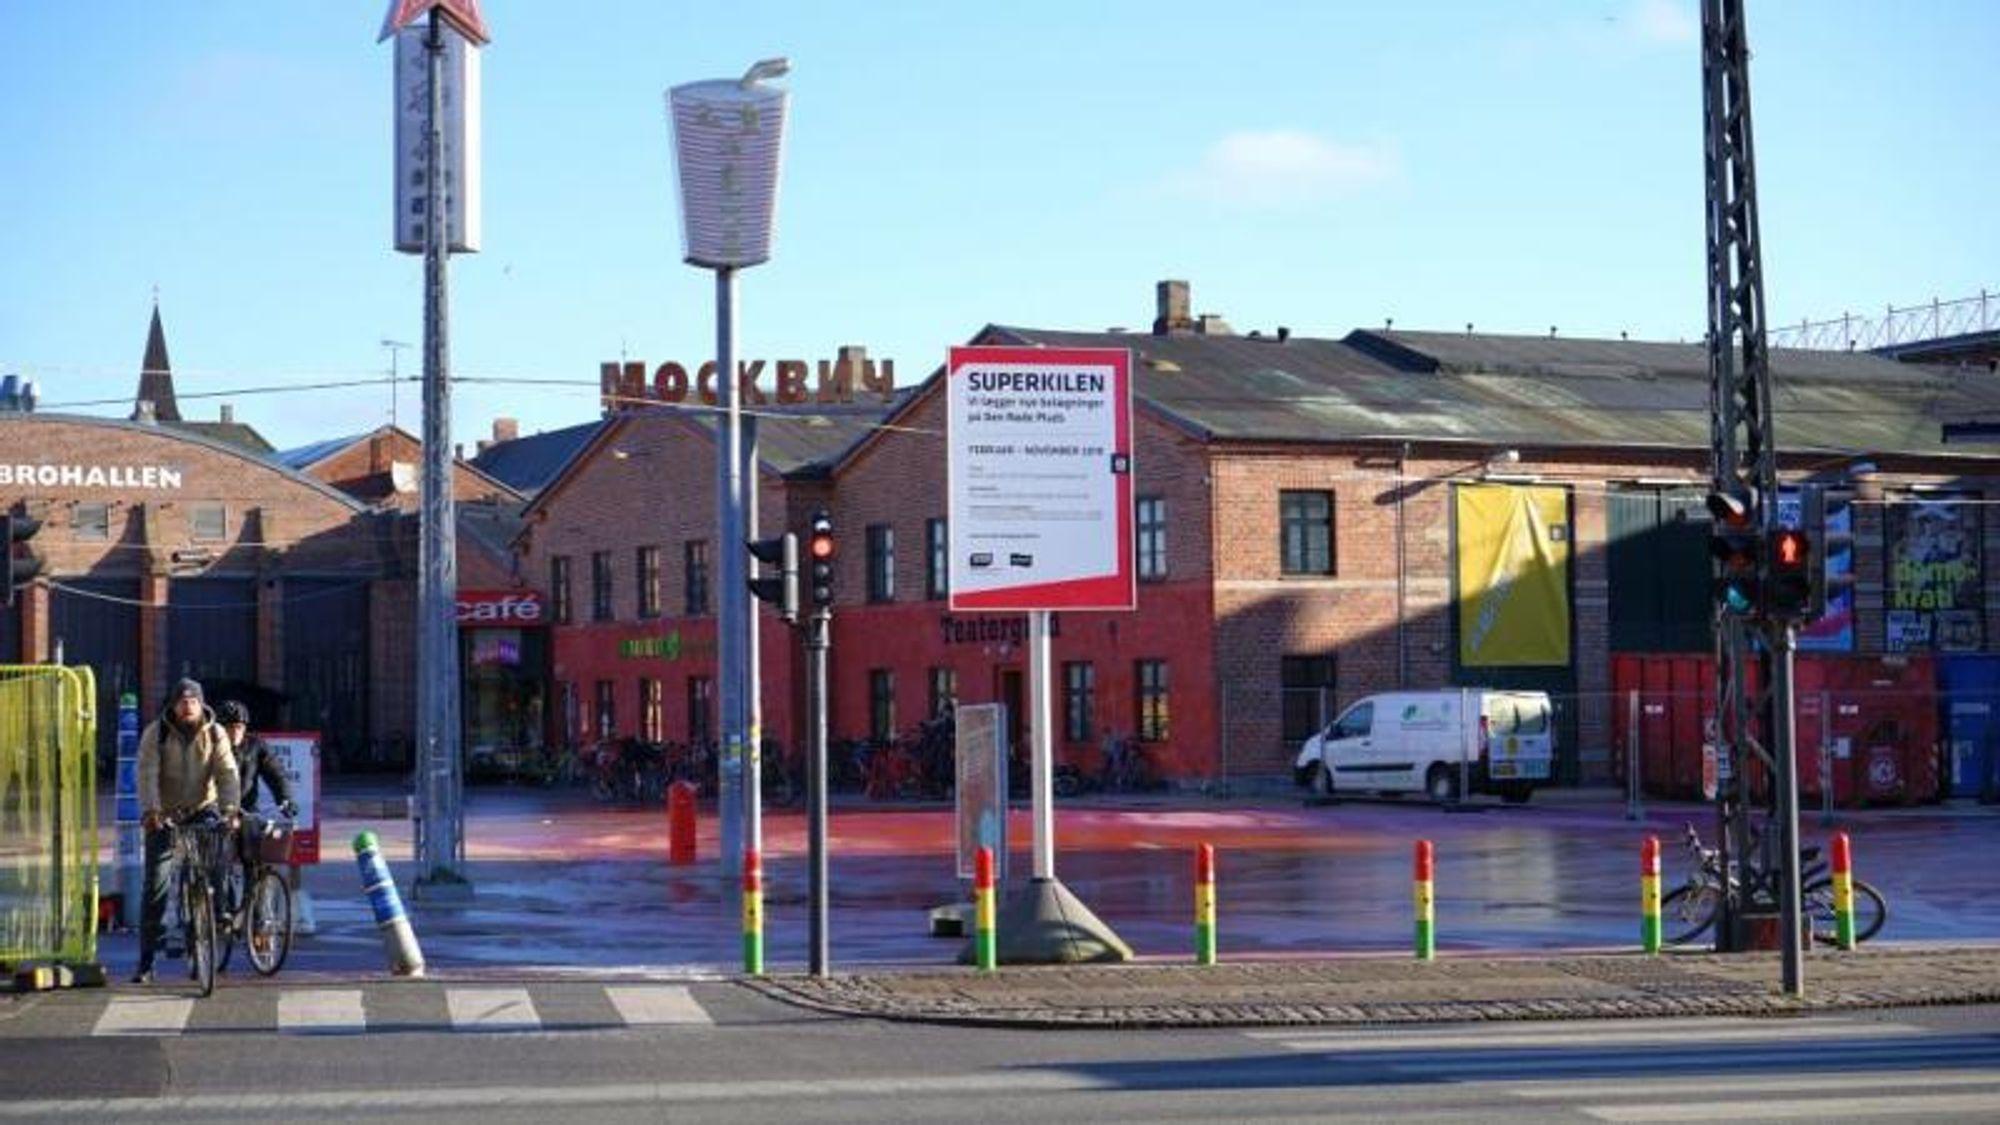 Københavns Kommune var nødt til å bytte ut trær og beplantning på Den Røde Plads, fordi det glatte underlaget ble saltet, og det salte overflatevannet rant ned i bedene og fikk trærne til å dø.